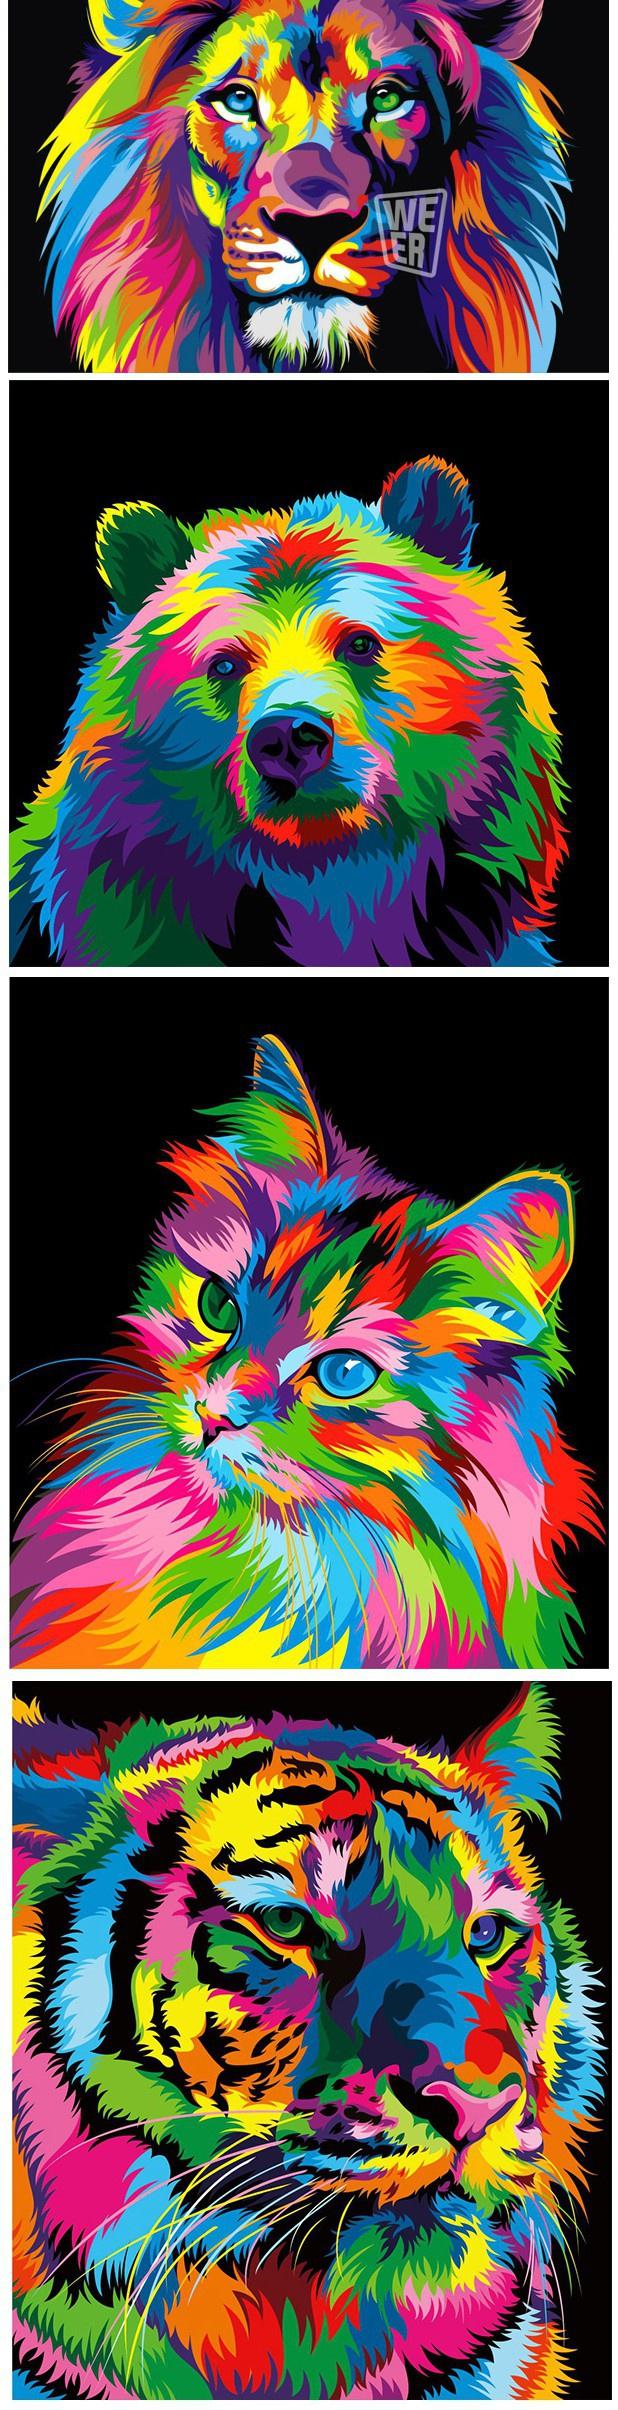 Ilustraciones de animales coloristas, vector-art